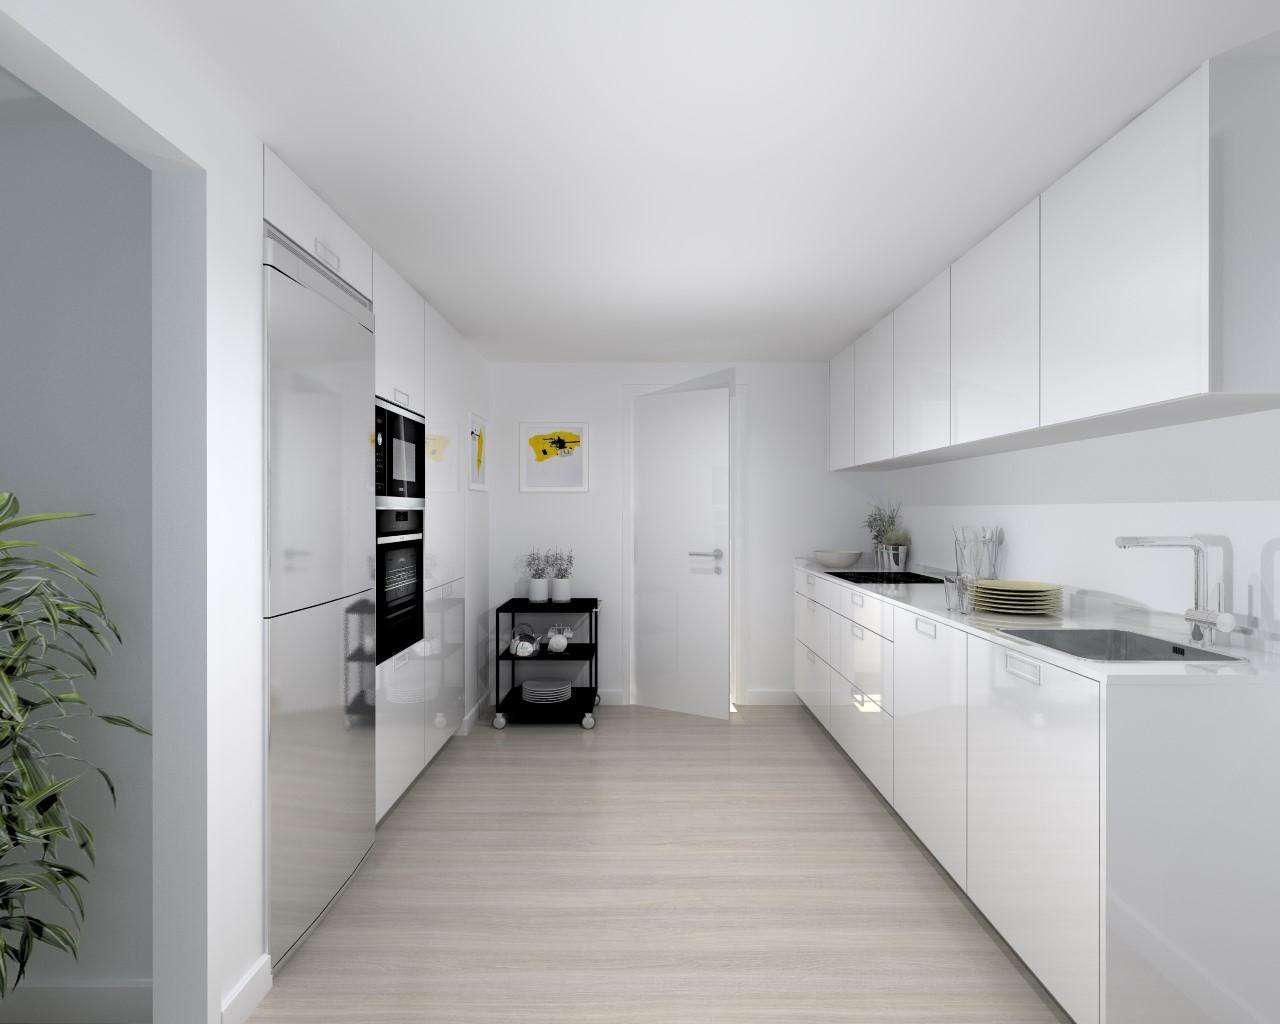 Cocina santos modelo plano blanco brillo encimera neolith - Cocinas blanco brillo ...